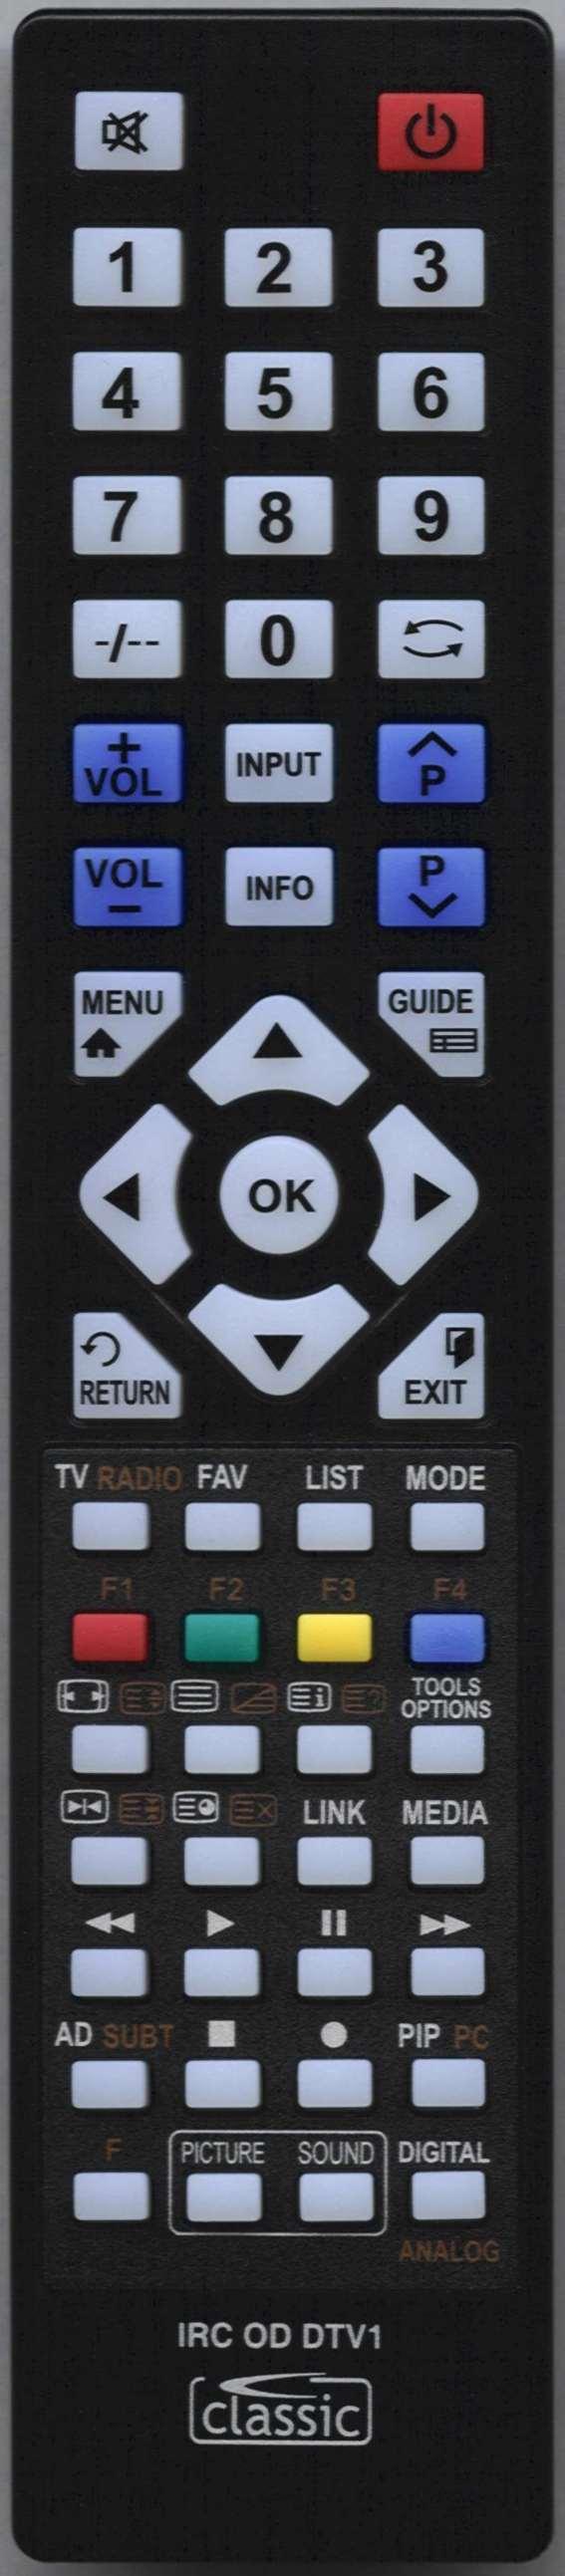 LUXOR LUX012400101 Remote Control Alternative